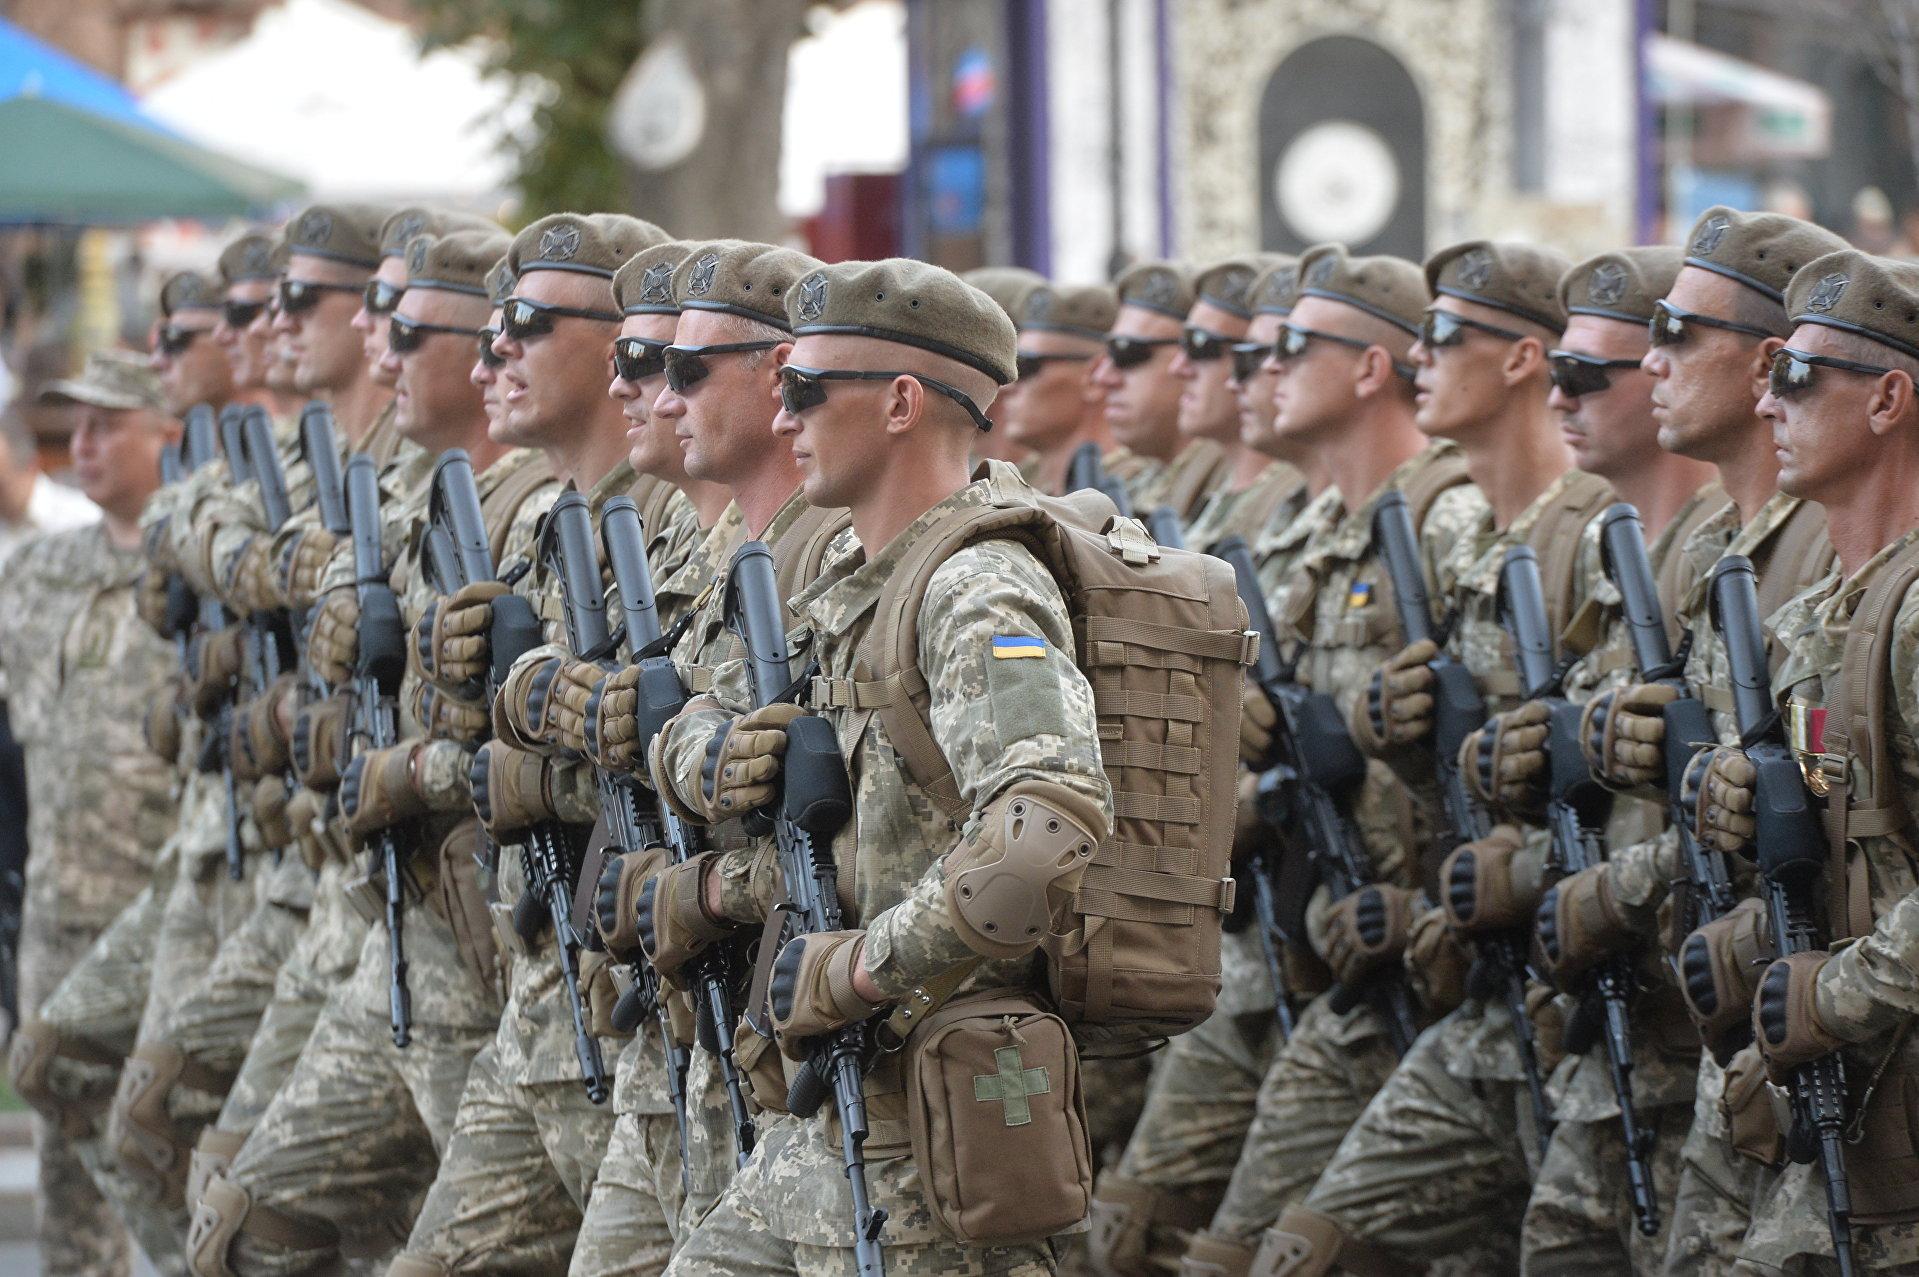 Украинская армия переходит на J-структуру: что это означает